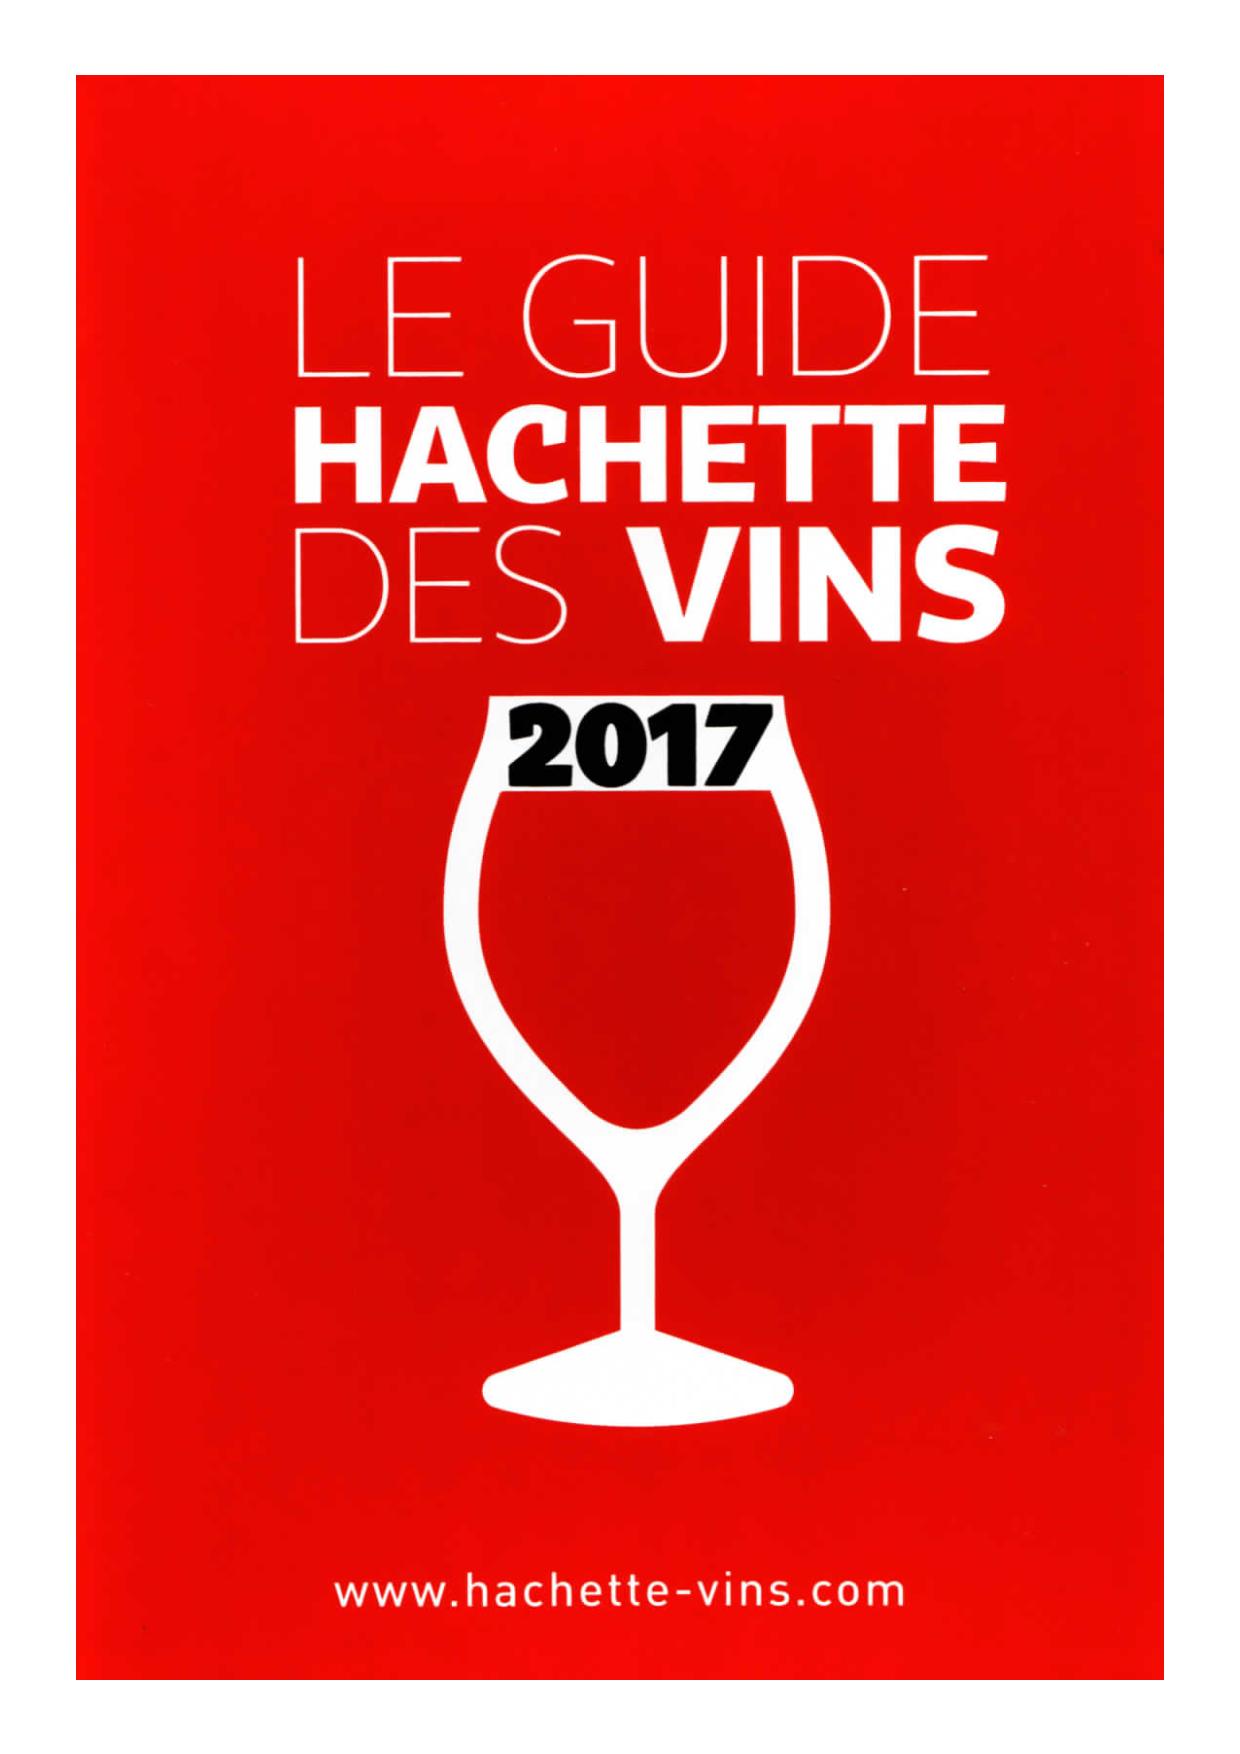 """Résultat de recherche d'images pour """"guide hachette 2017"""""""